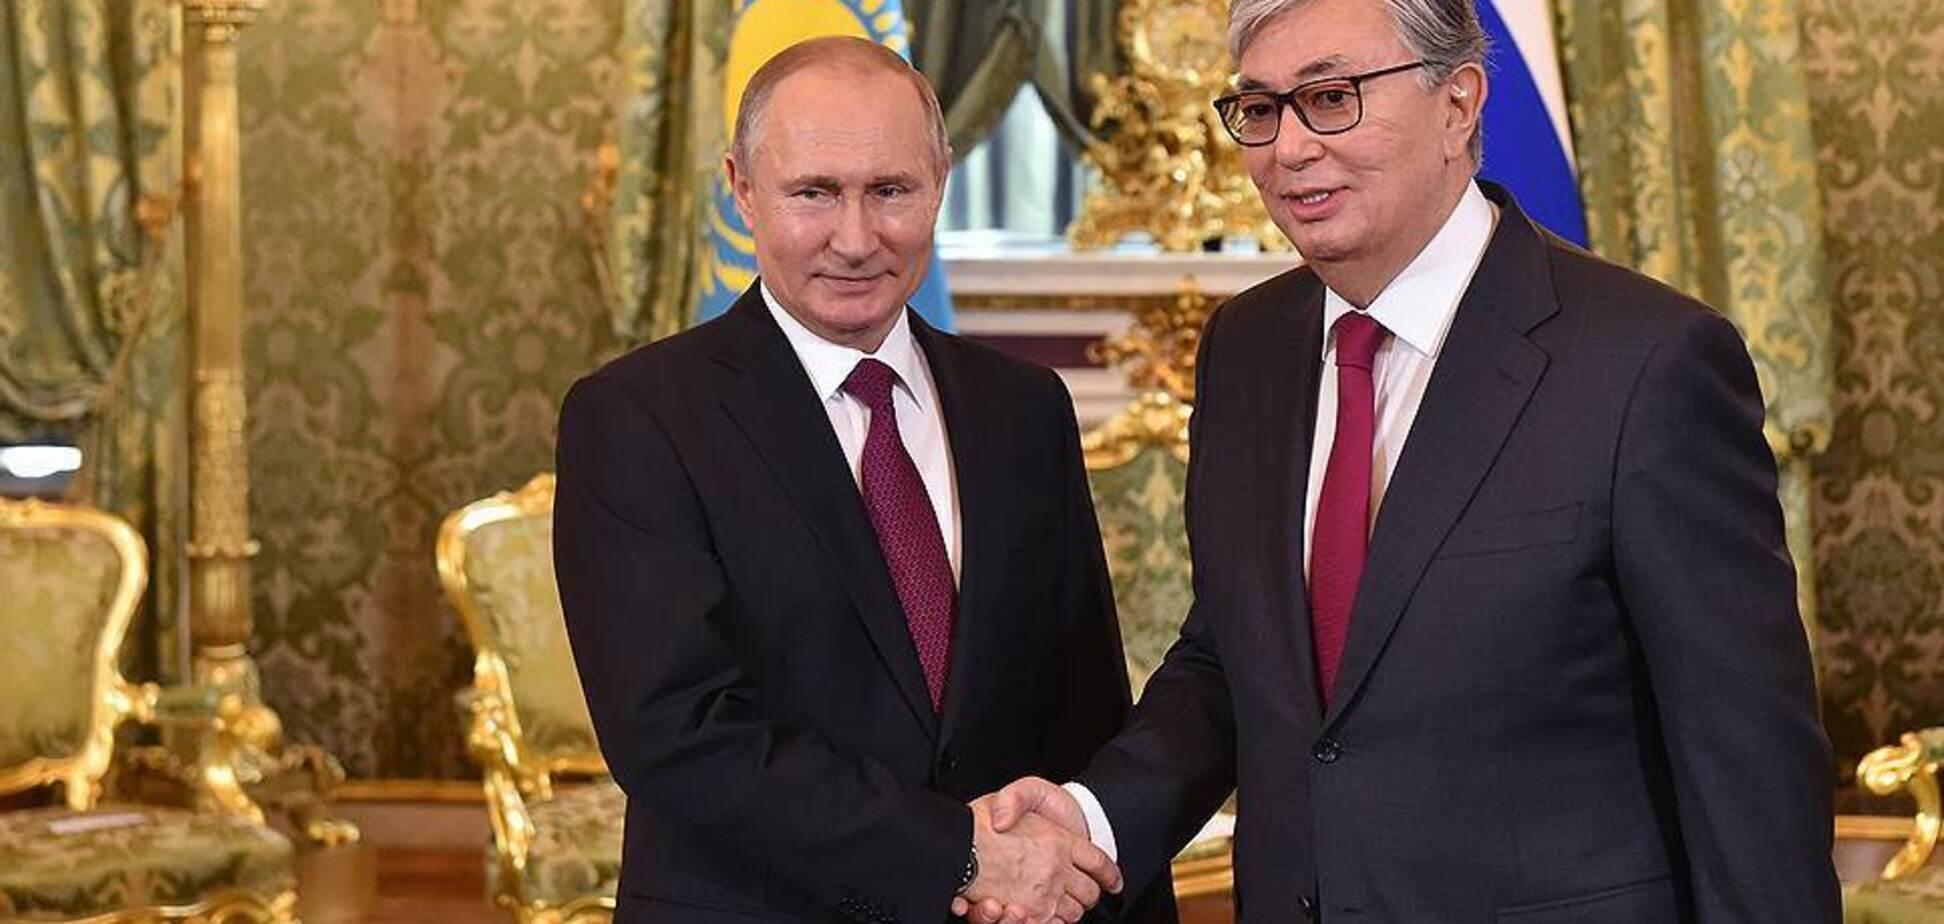 Глава Казахстана не признал аннексию Крыма: появился ответ Украины